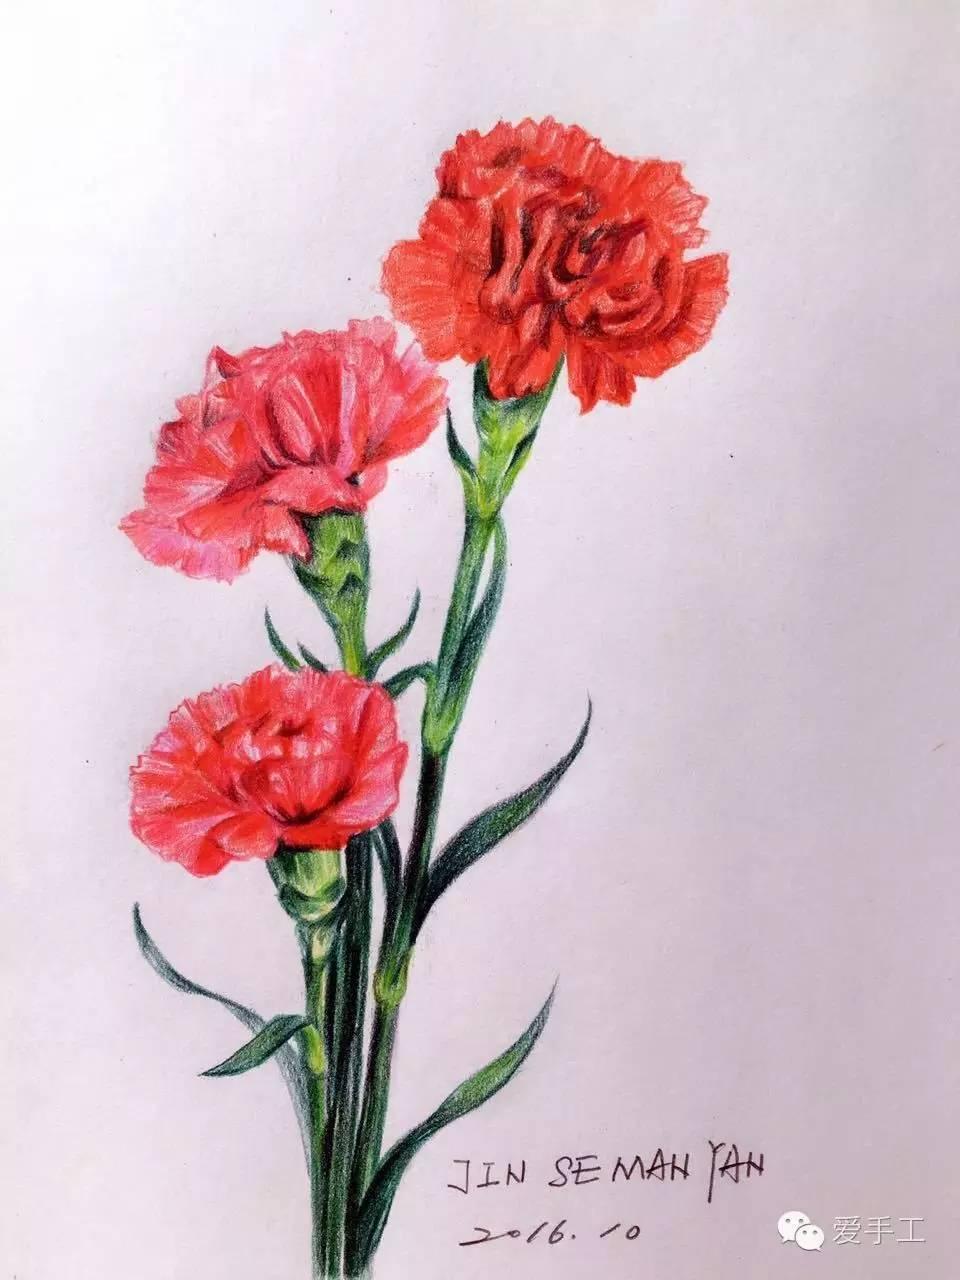 第一课:玫瑰花 课程内容 玫瑰花,蝴蝶兰,郁金香,玉兰花,康乃馨,木棉花